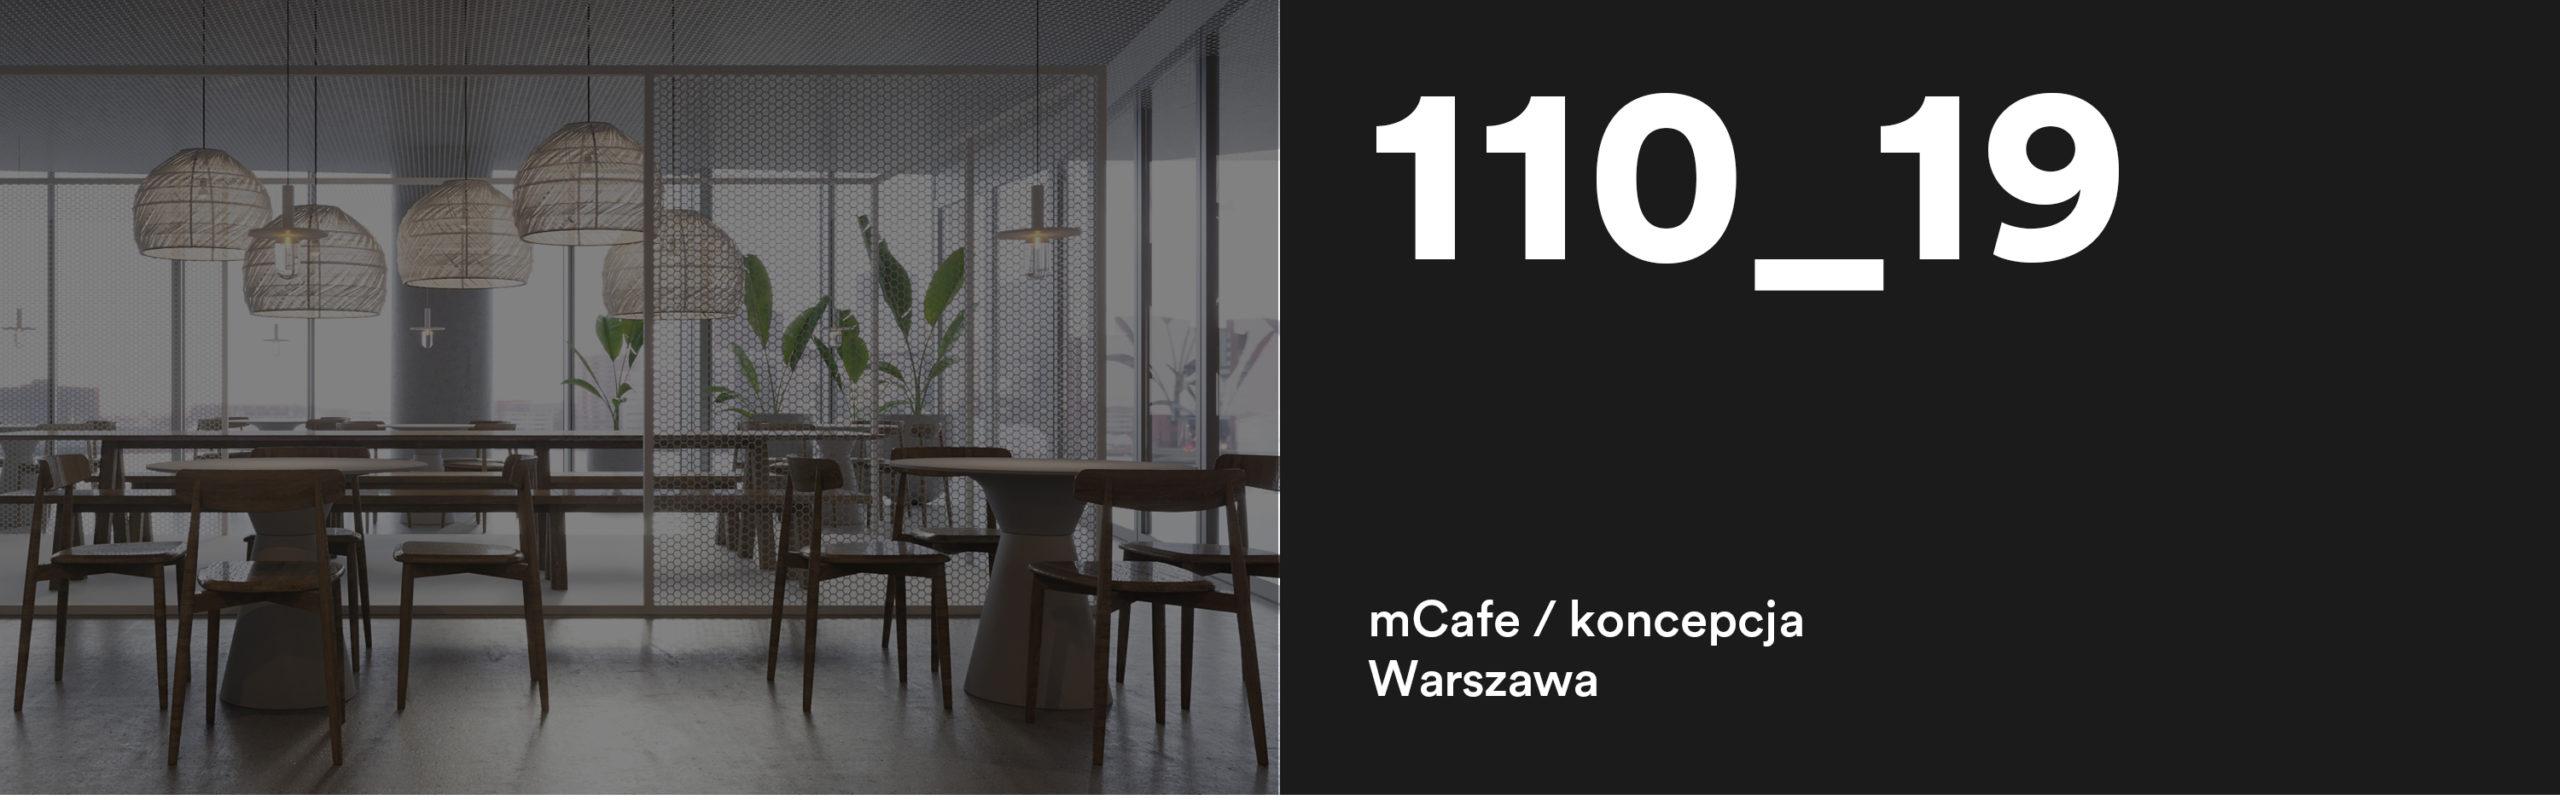 110_19 mCafe, Warszawa